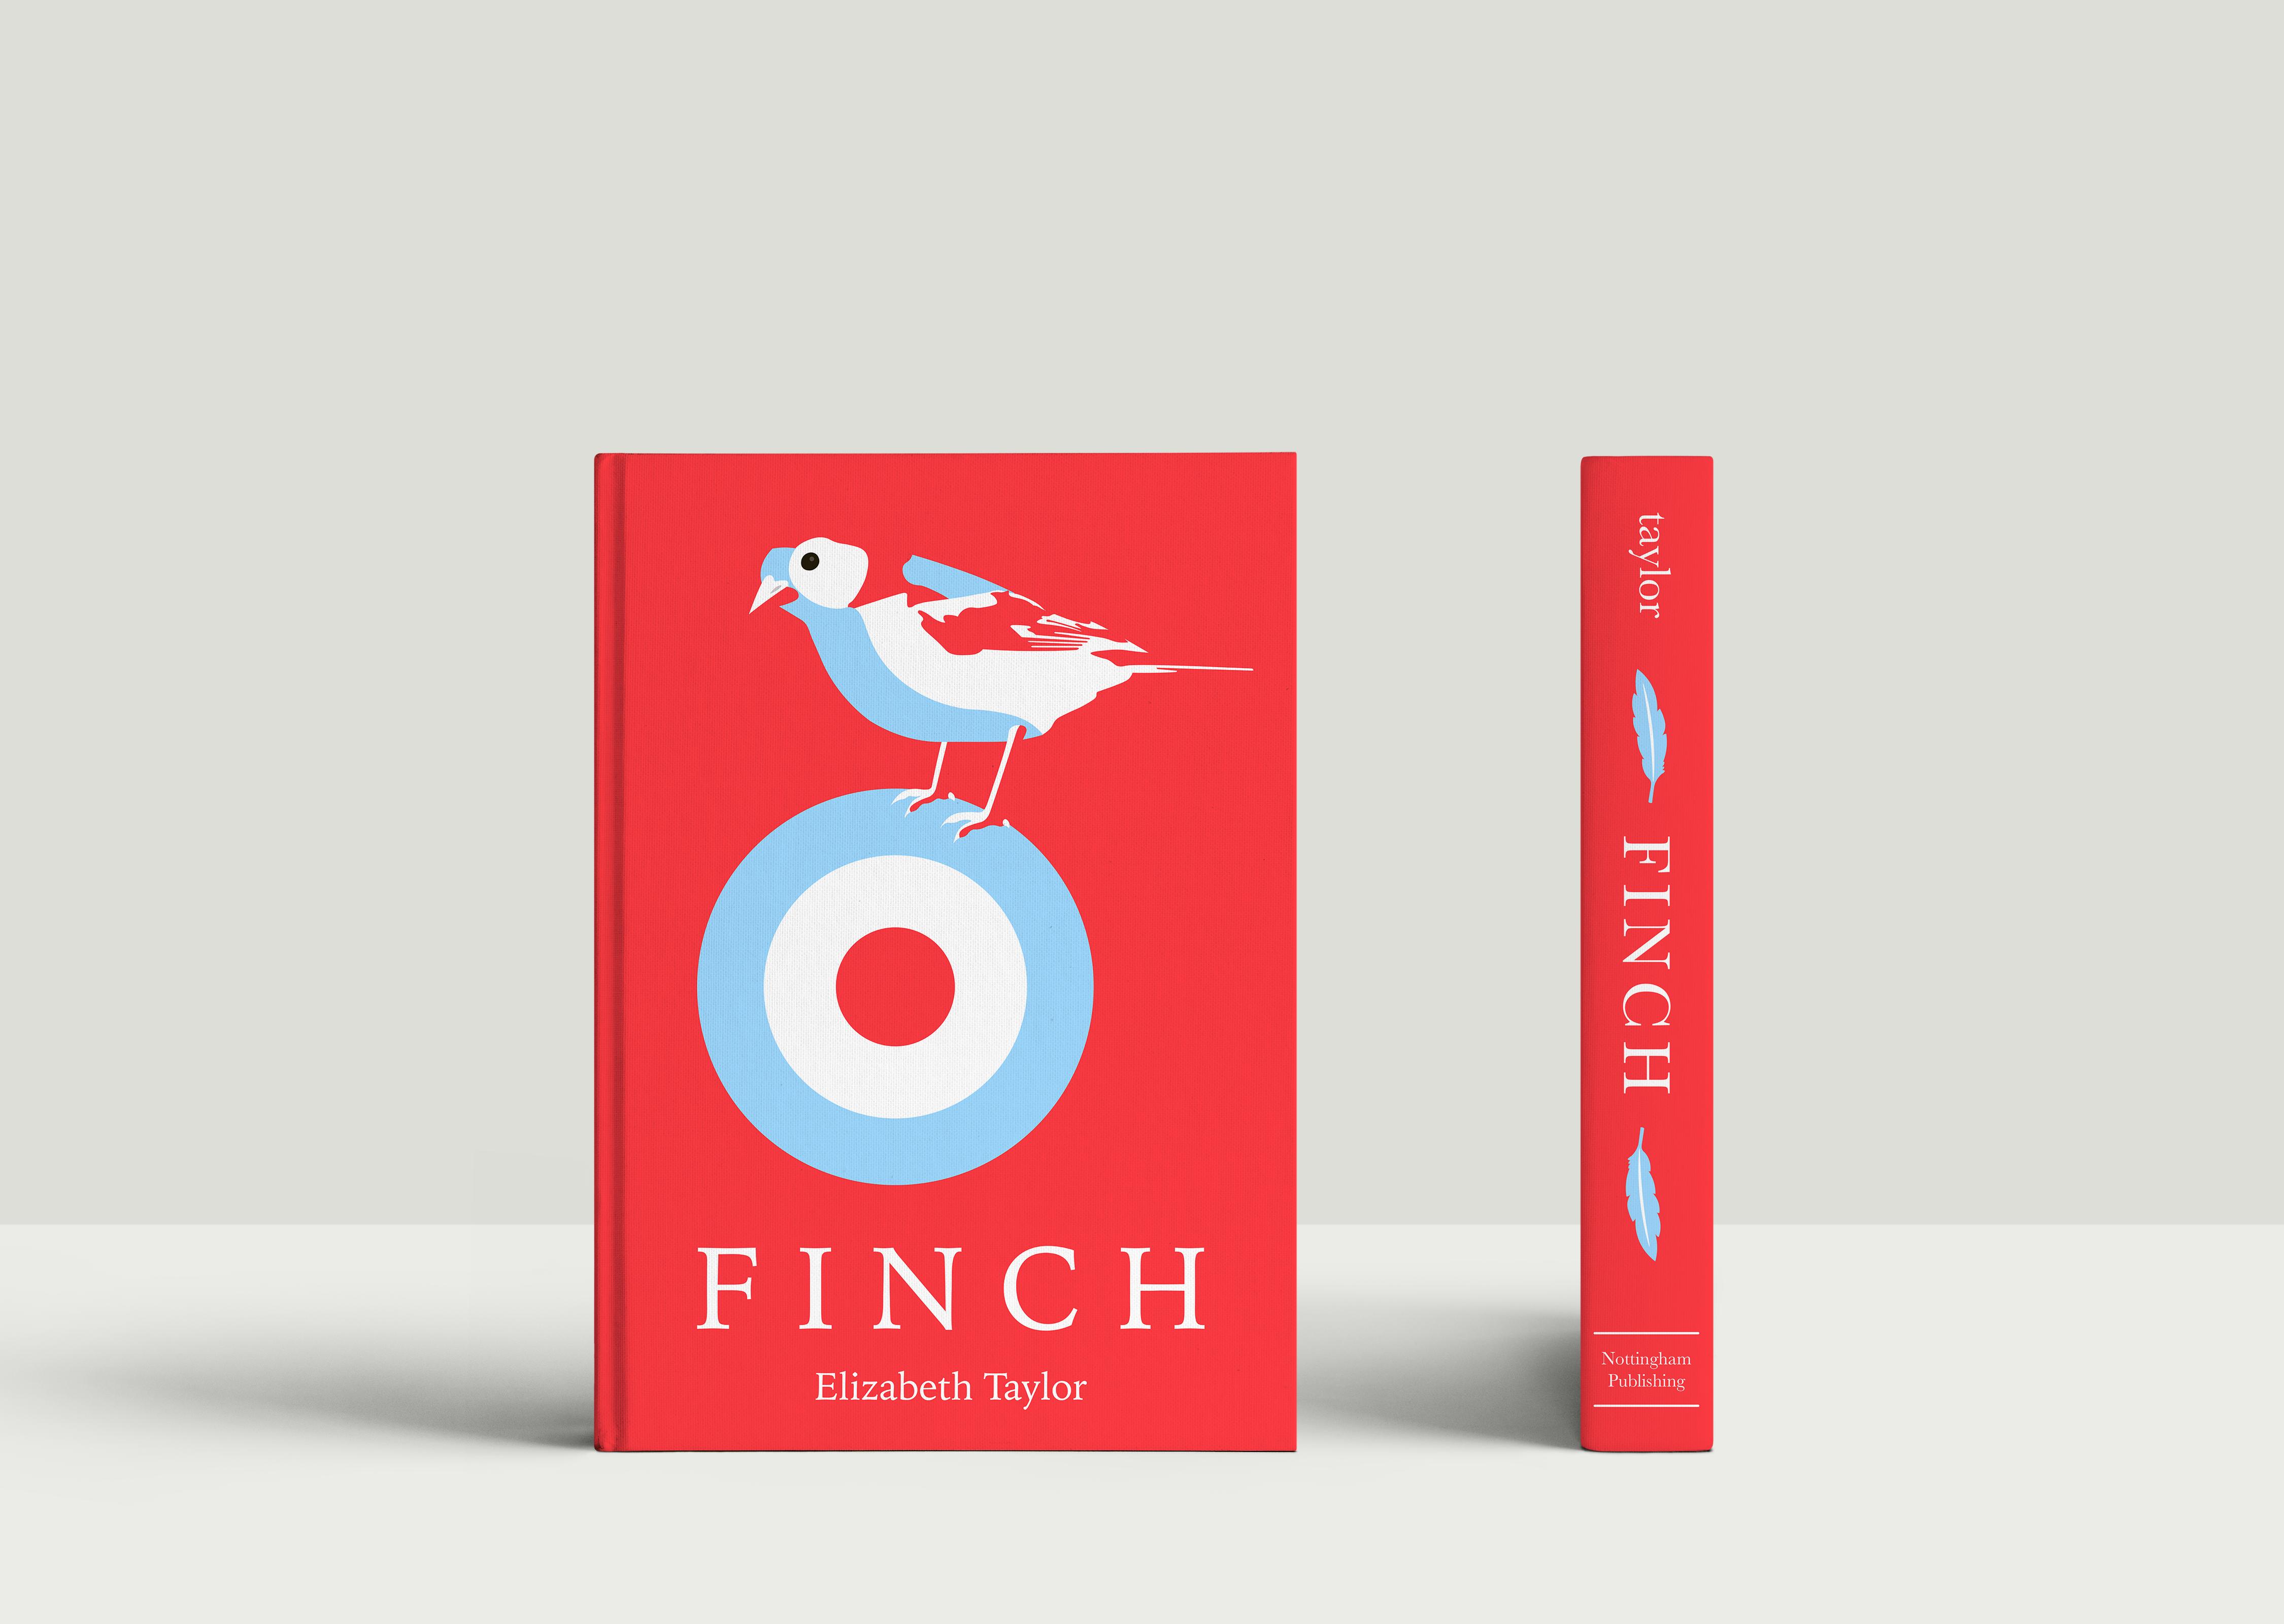 Finch Mockup